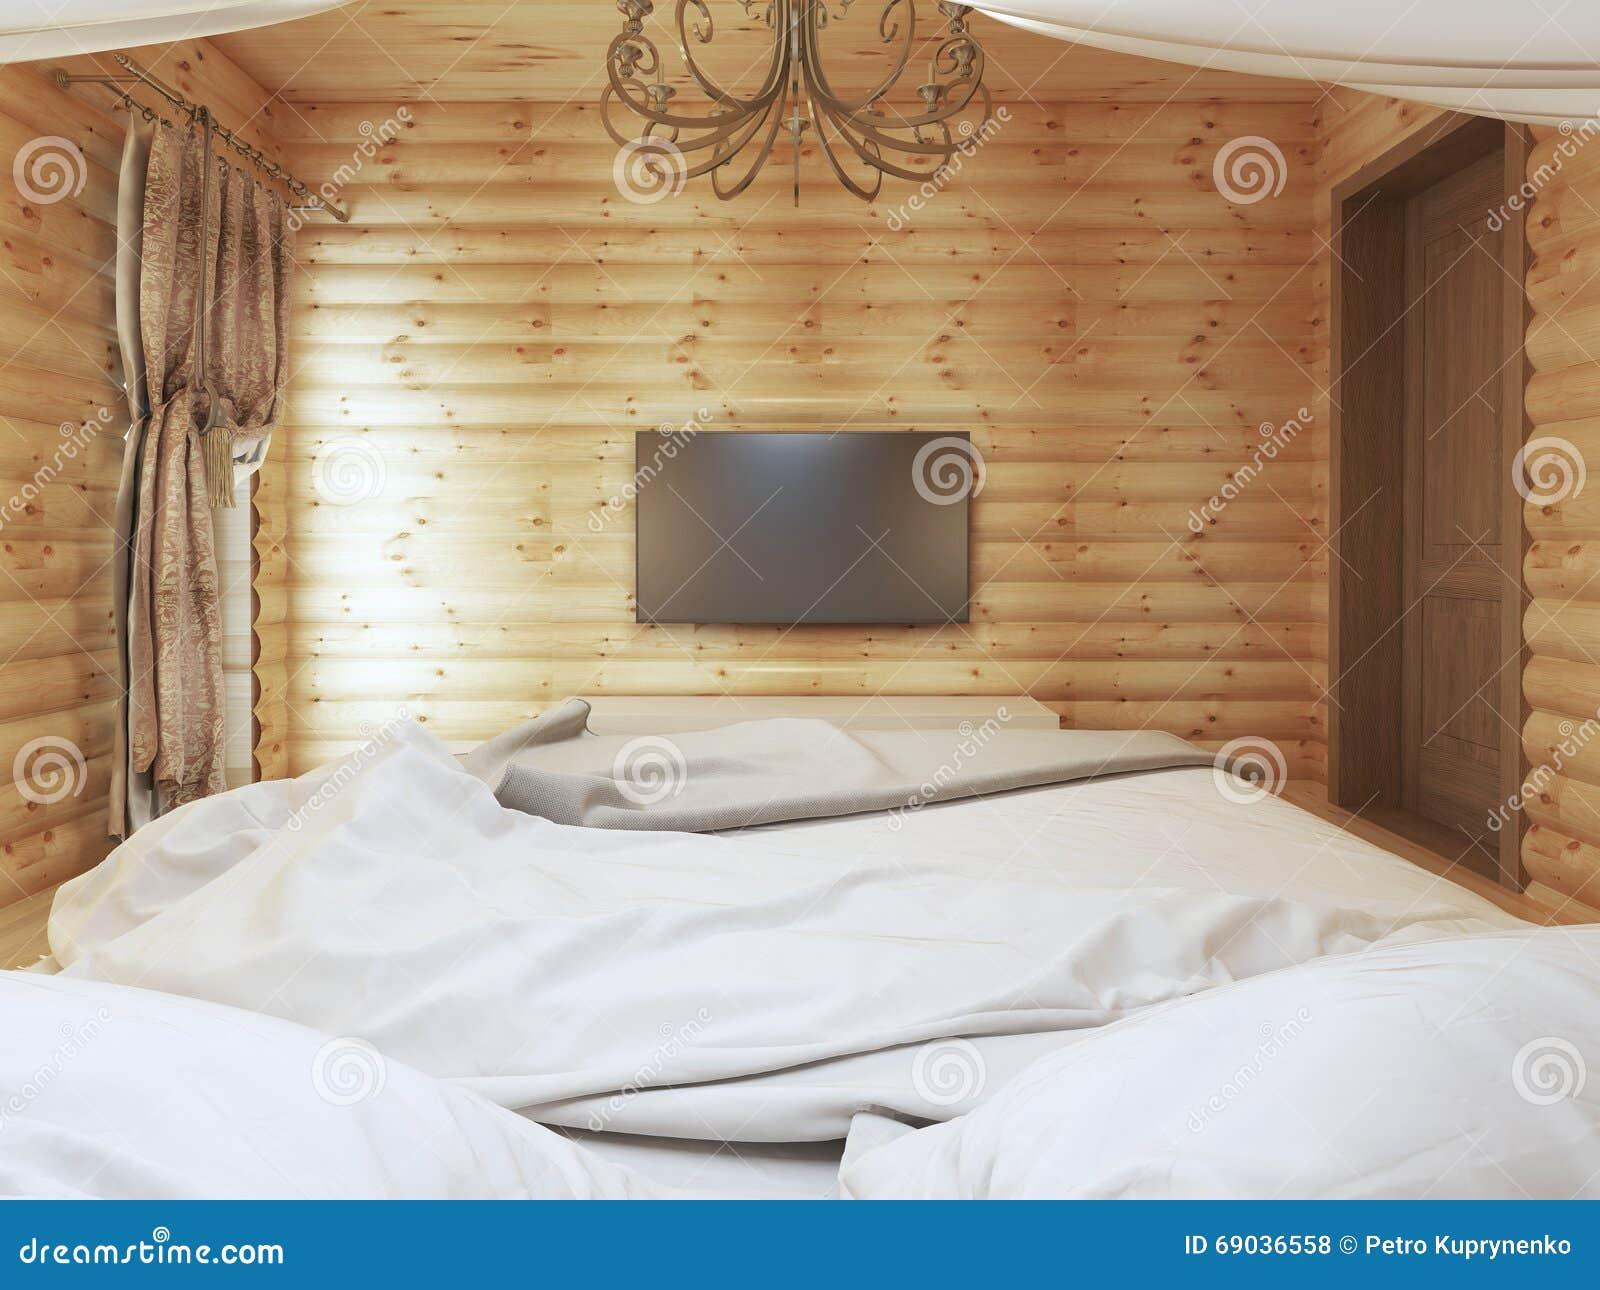 Unidade da tevê em um interior moderno do quarto em um log